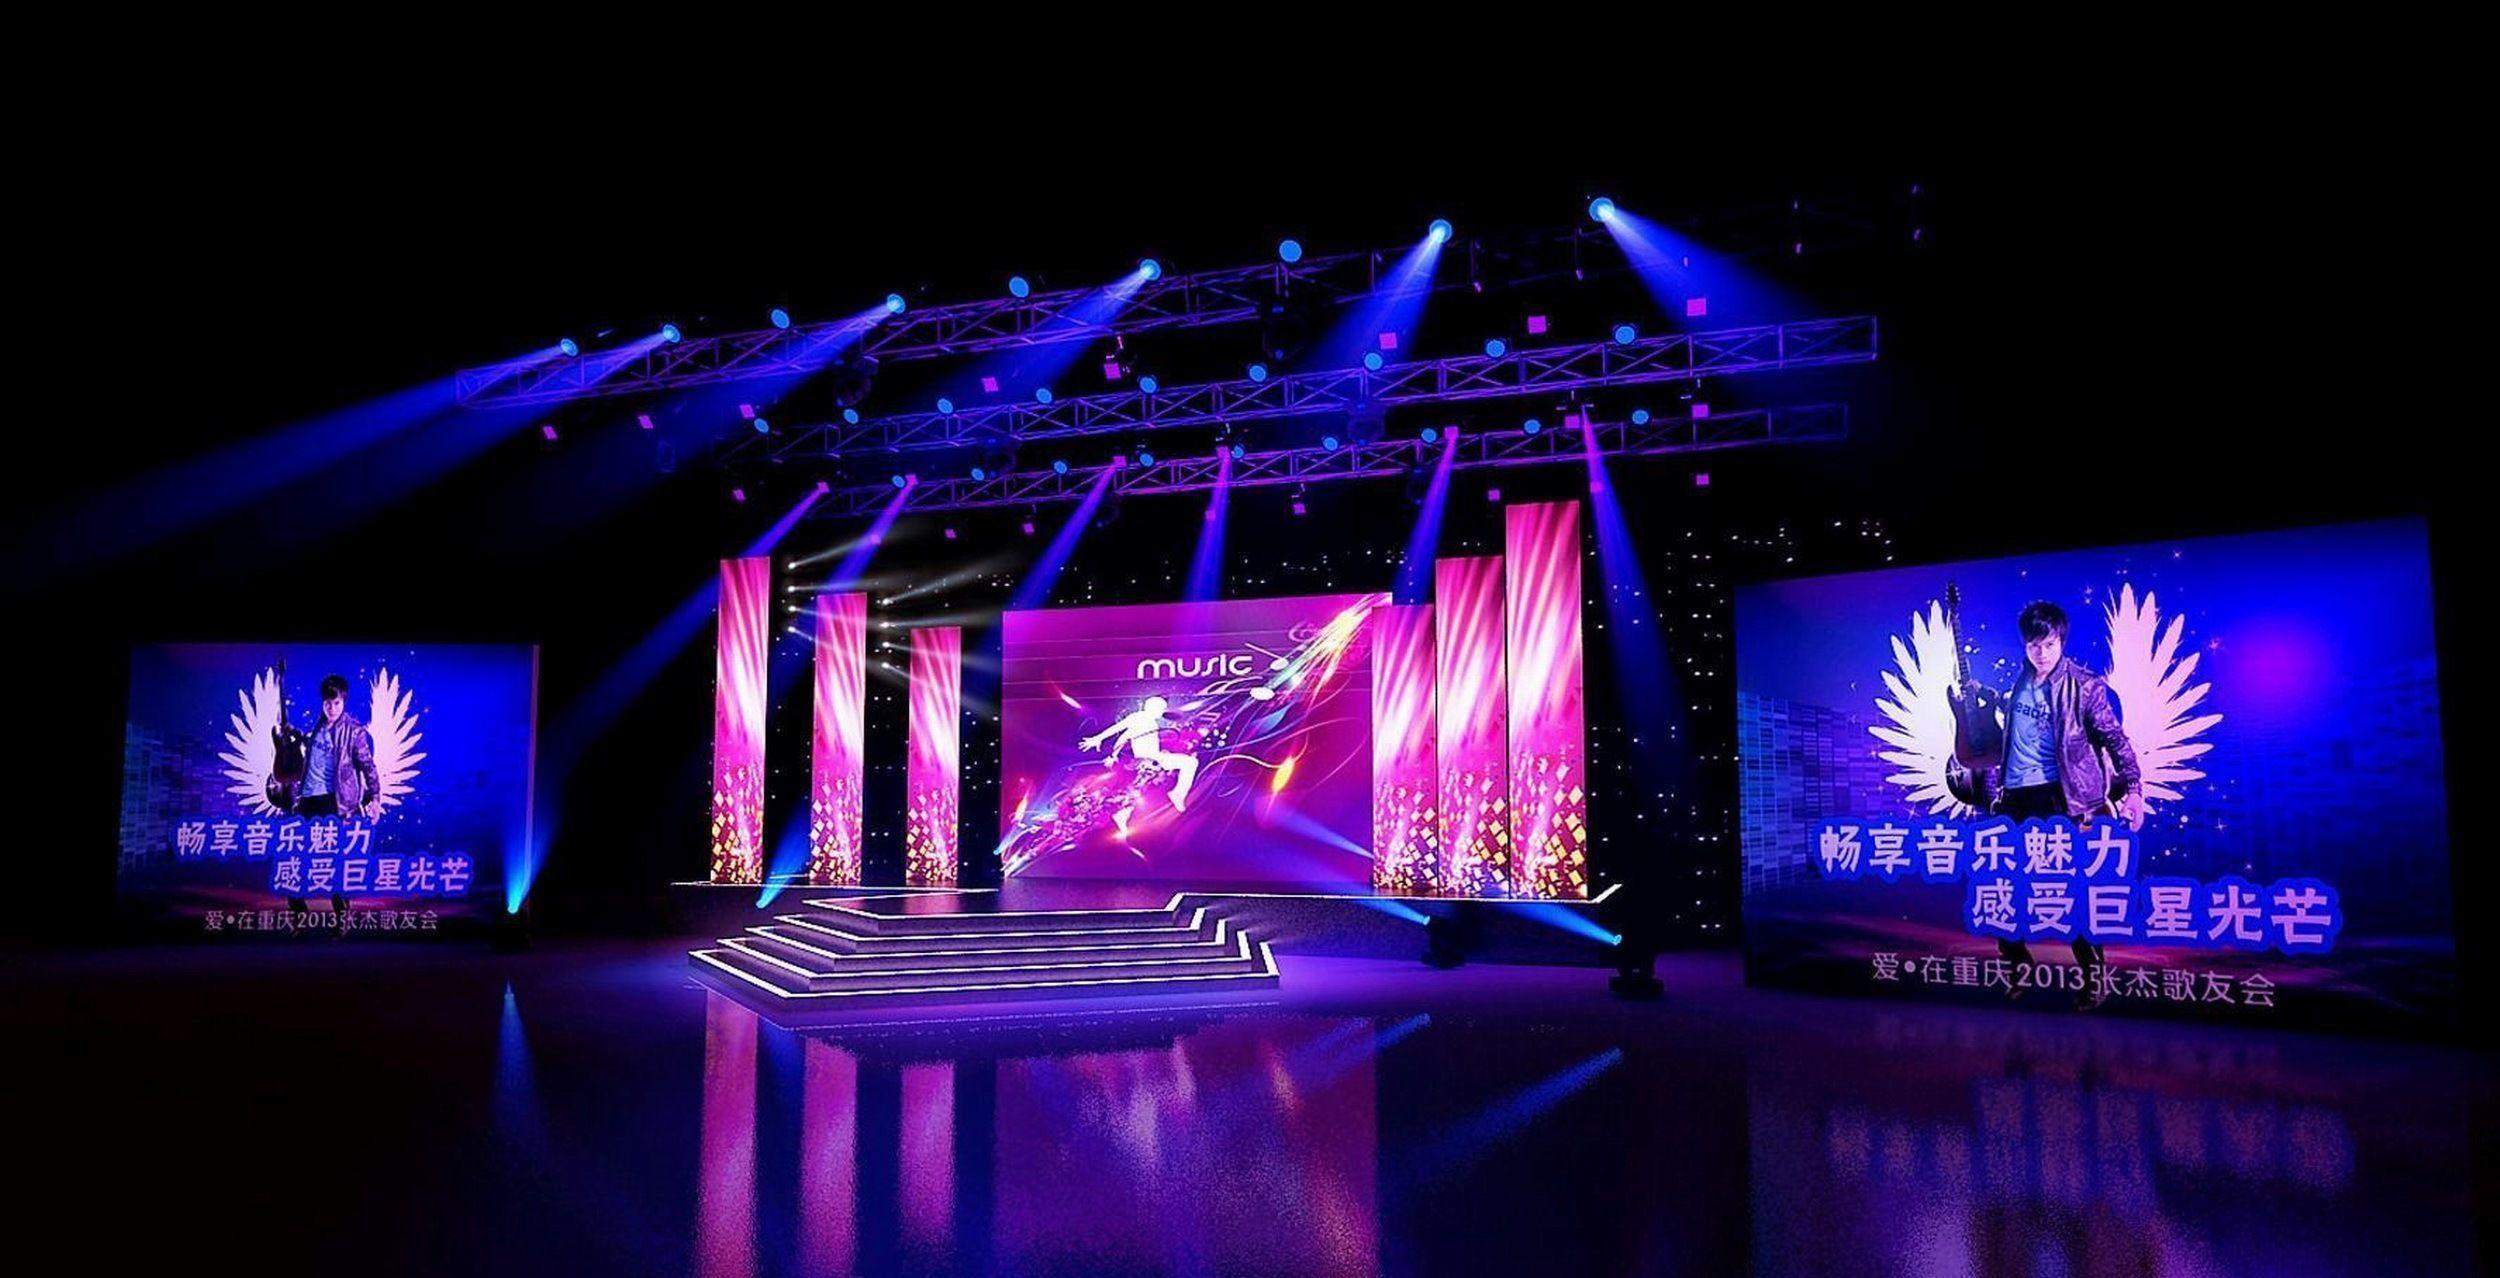 「indoor concert stage design」的圖片搜尋結果 | Light in 2019 ...  「indoor conce...